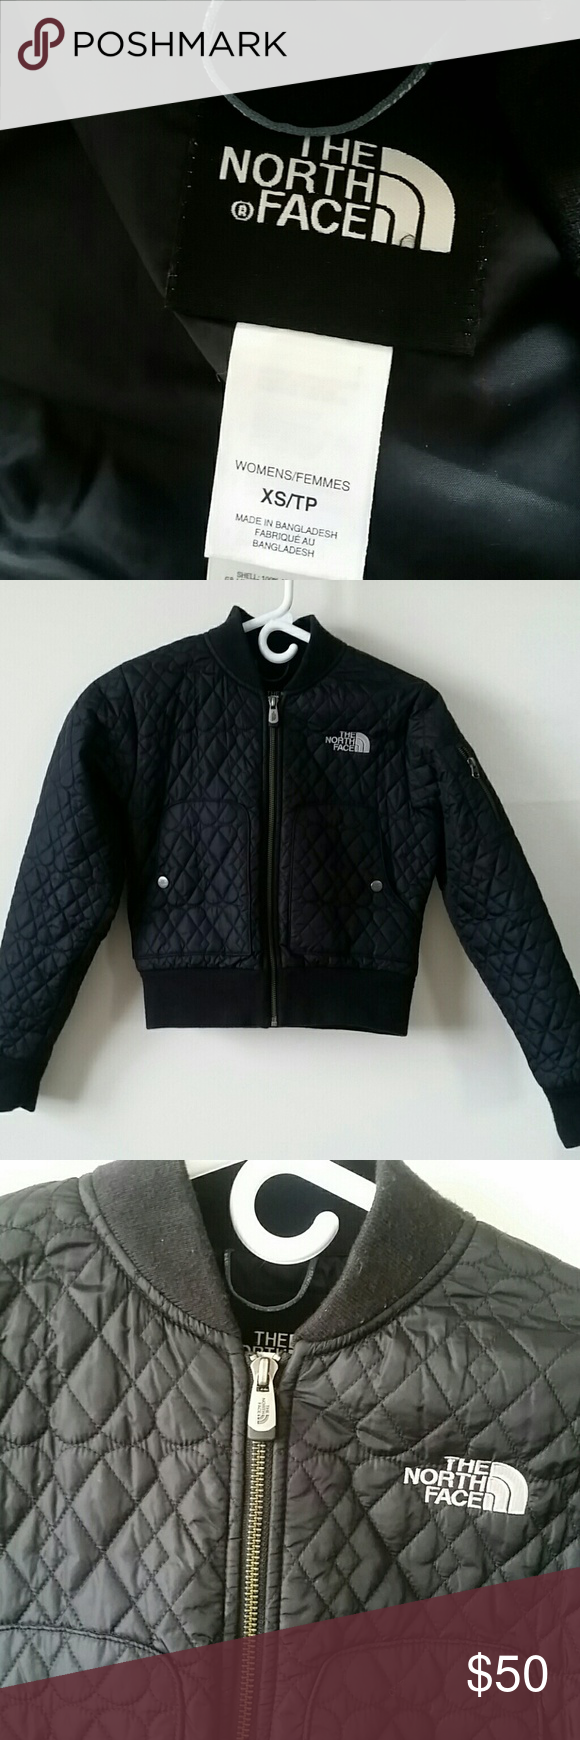 67f1168ce where can i buy north face vest xs jaen 71011 372da